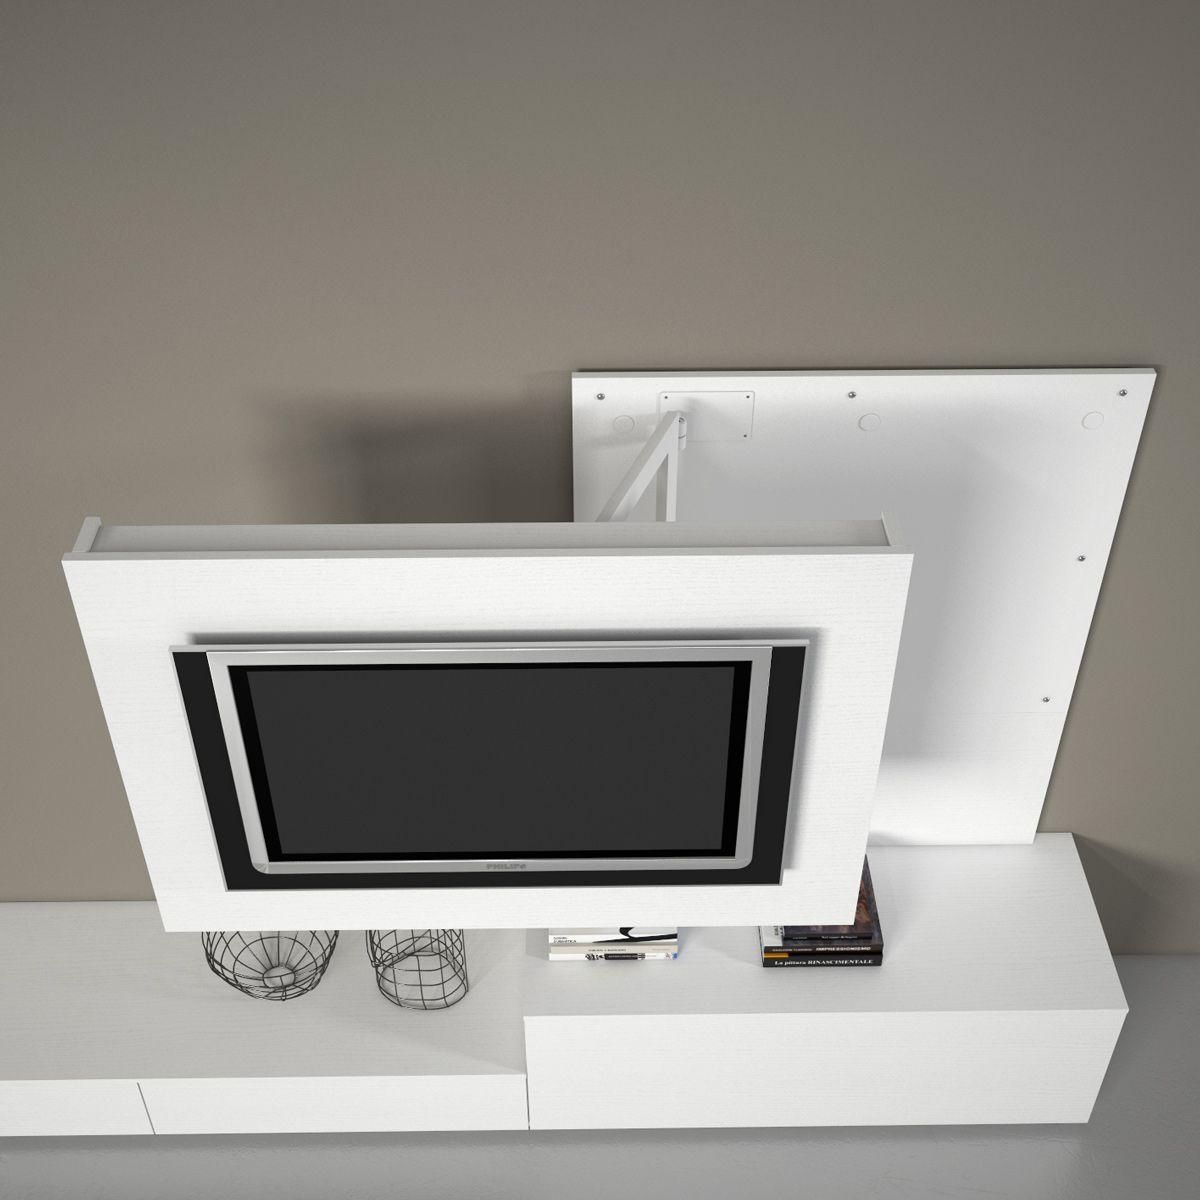 porta tv orientabile girevole X2 - Dettaglio Prodotto   idee ...